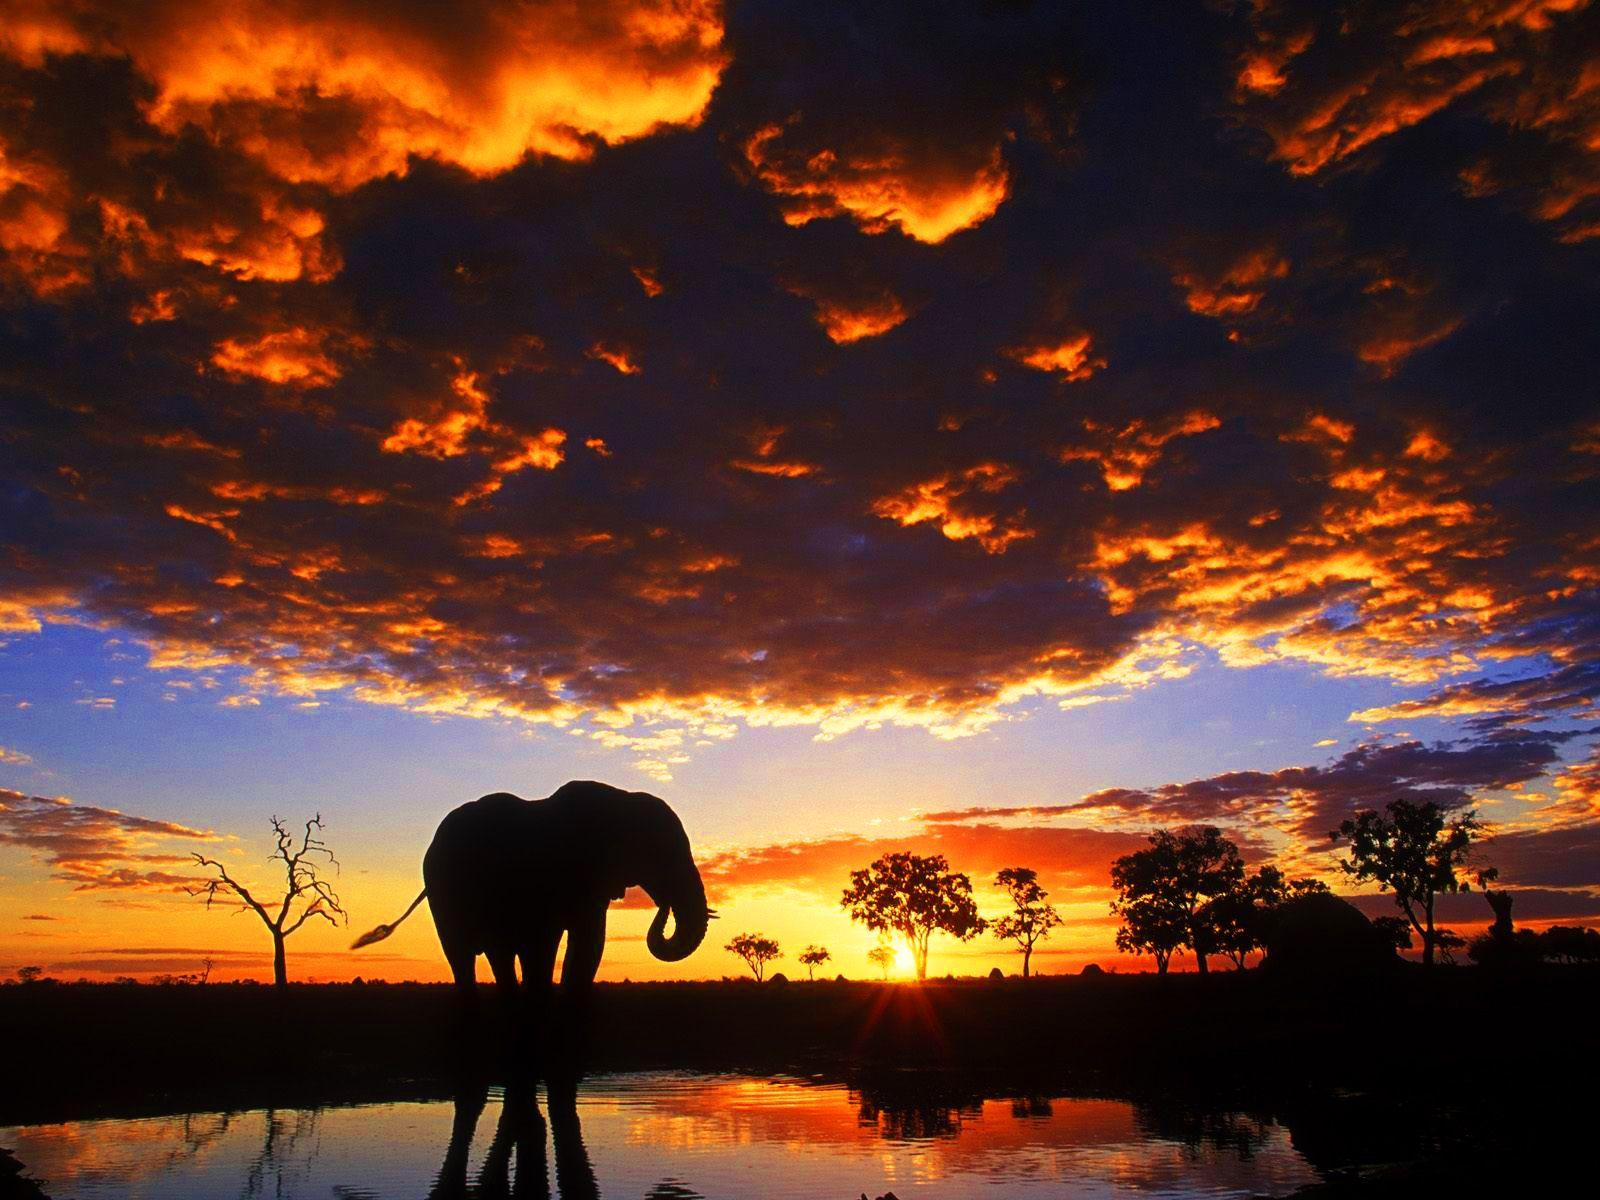 20 Amazing Elephants Wallpapers HD